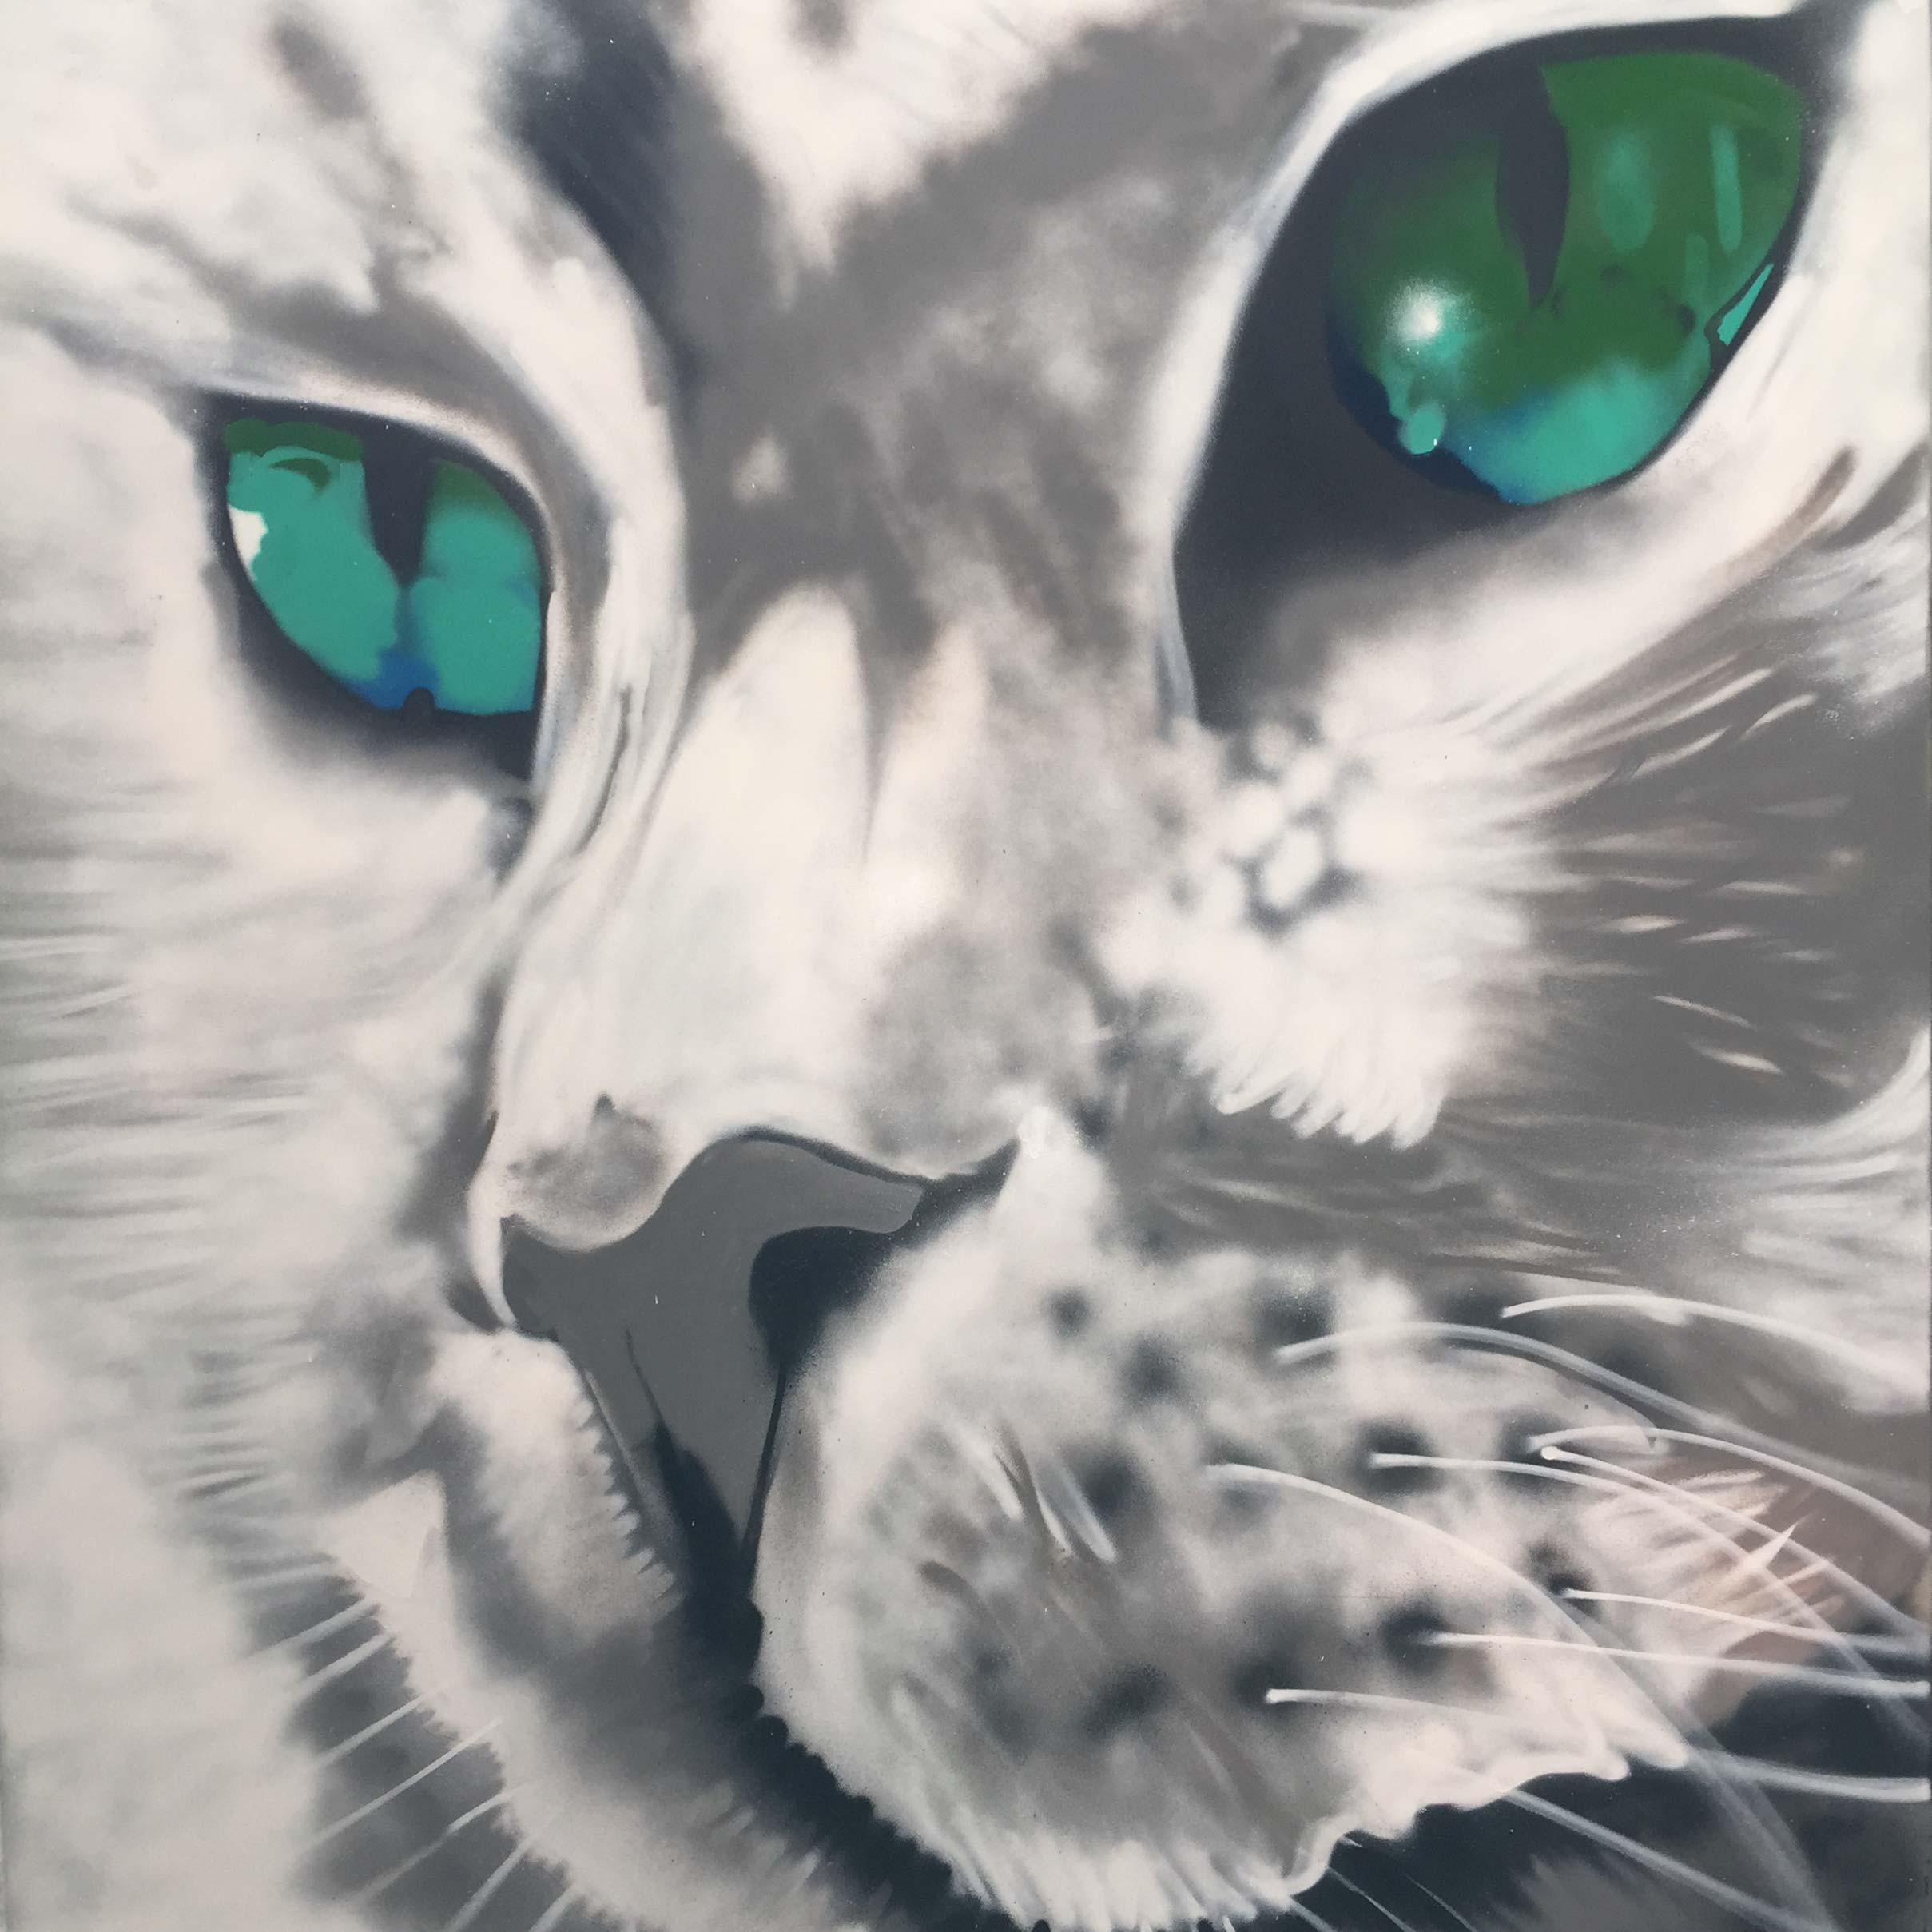 allans-walk-bendigo-cat-mural-art-graffiti